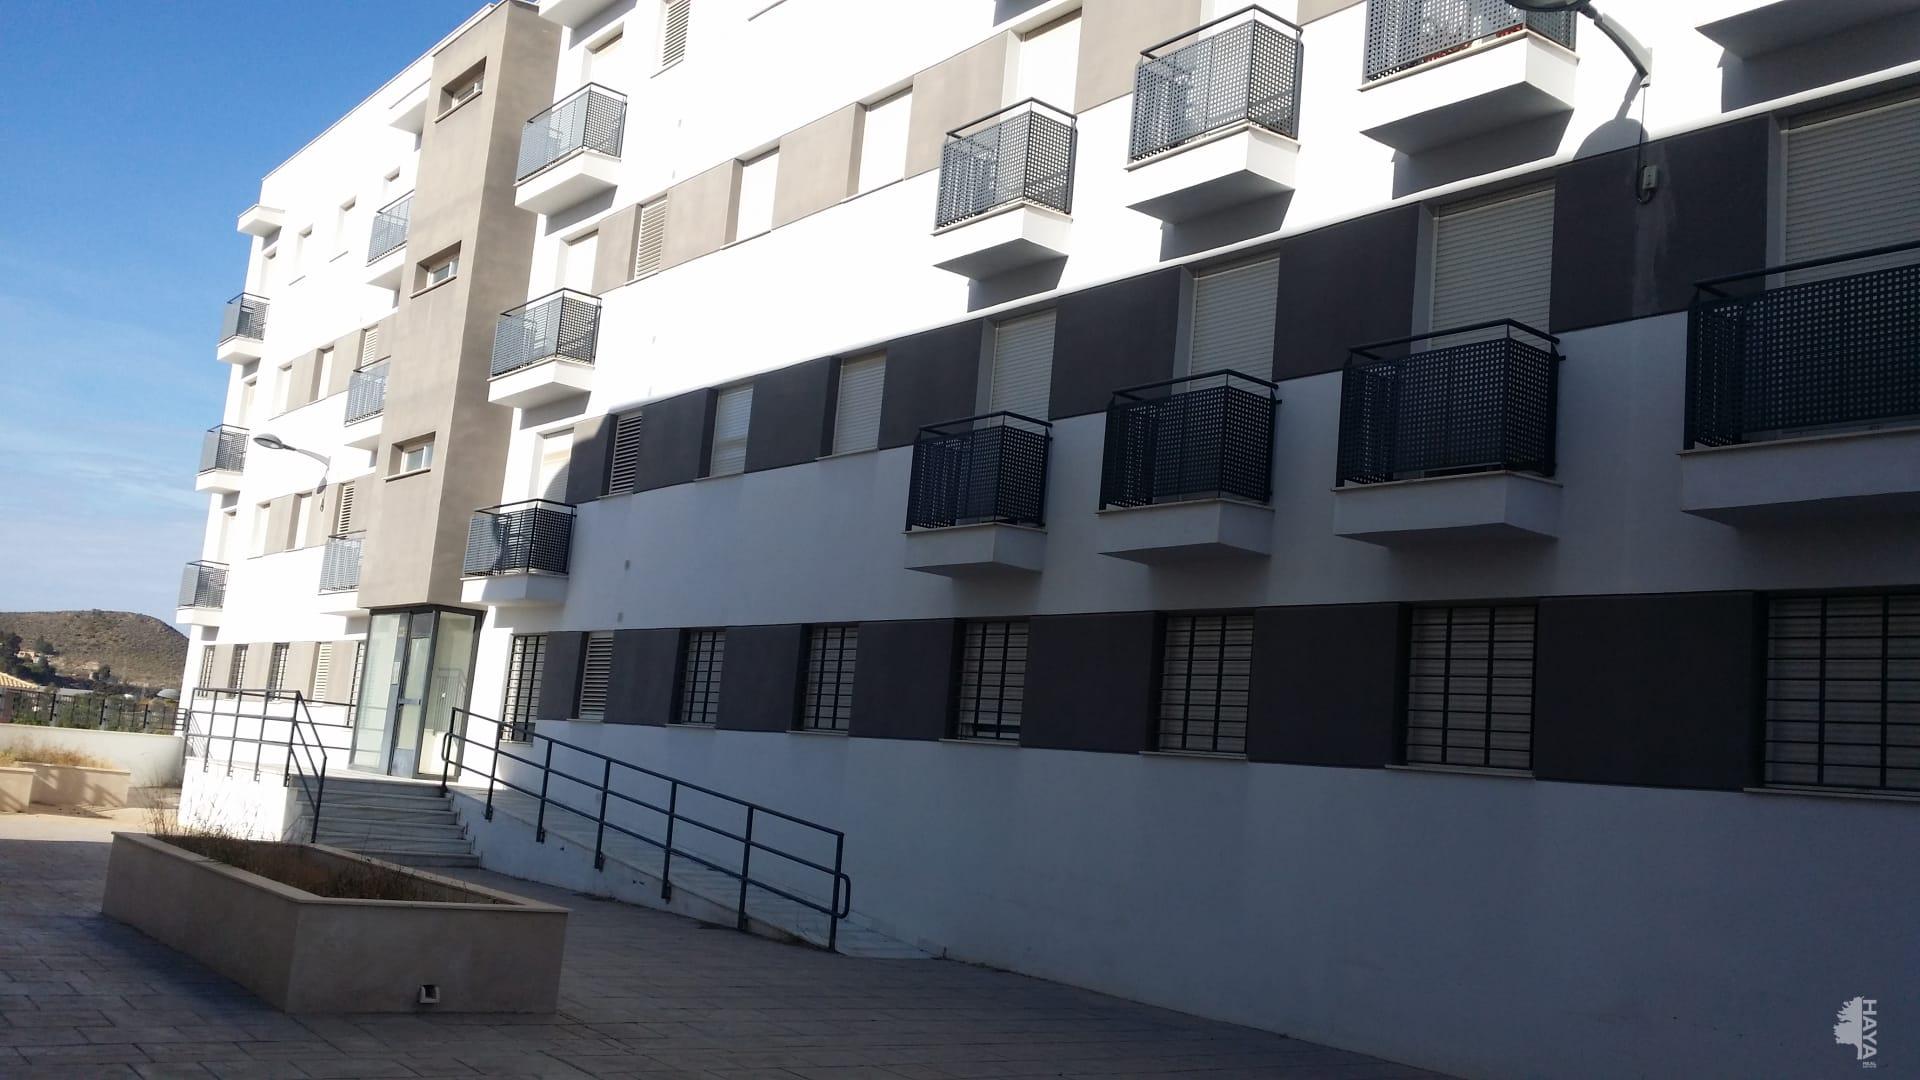 Piso en venta en Olula del Río, Almería, Calle Alta, 59.500 €, 3 habitaciones, 1 baño, 89 m2